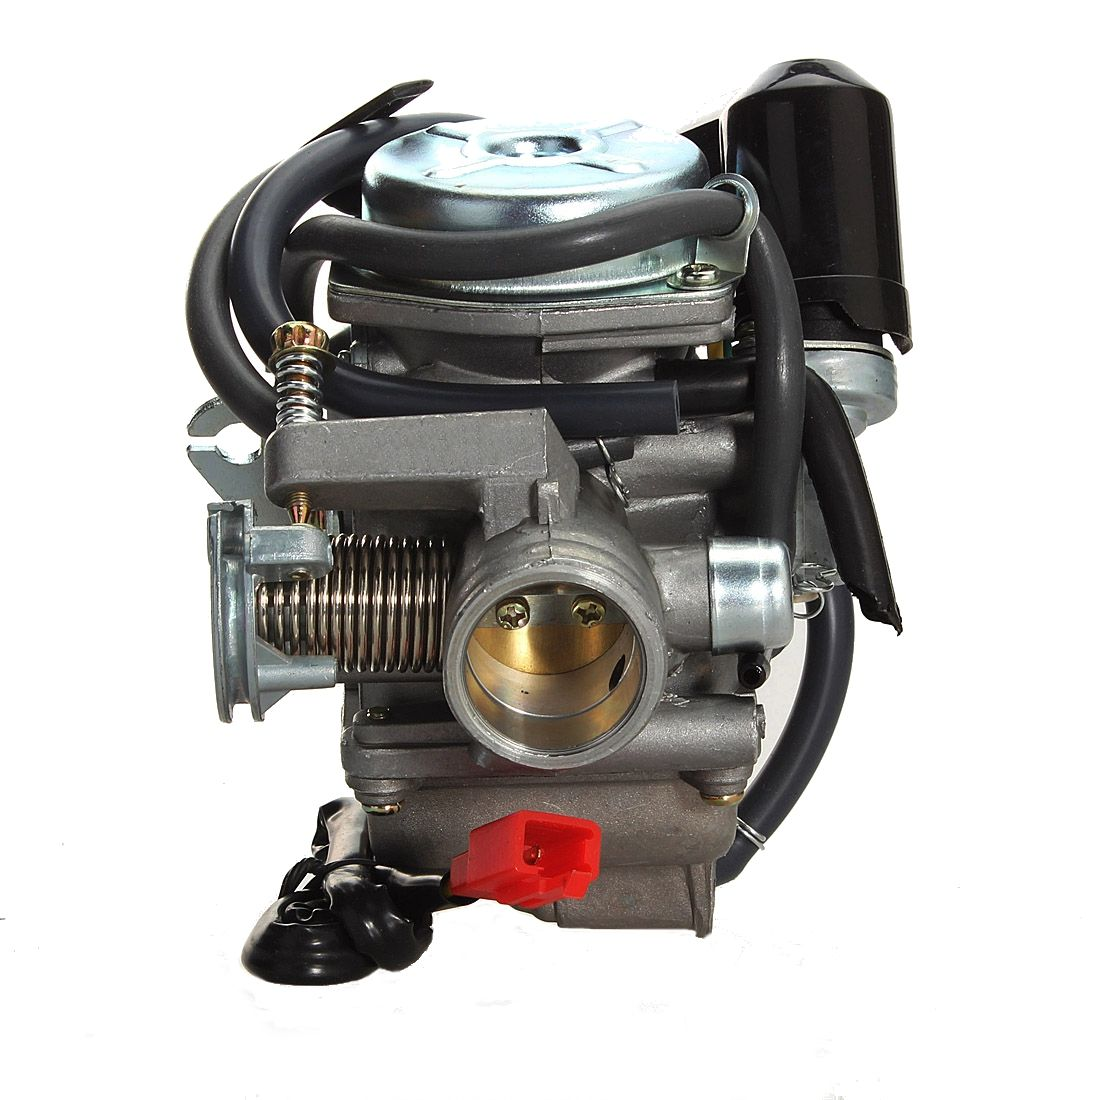 Four Stroke Carburetor Auto Carb 150CC GY6 ATV Go Kart